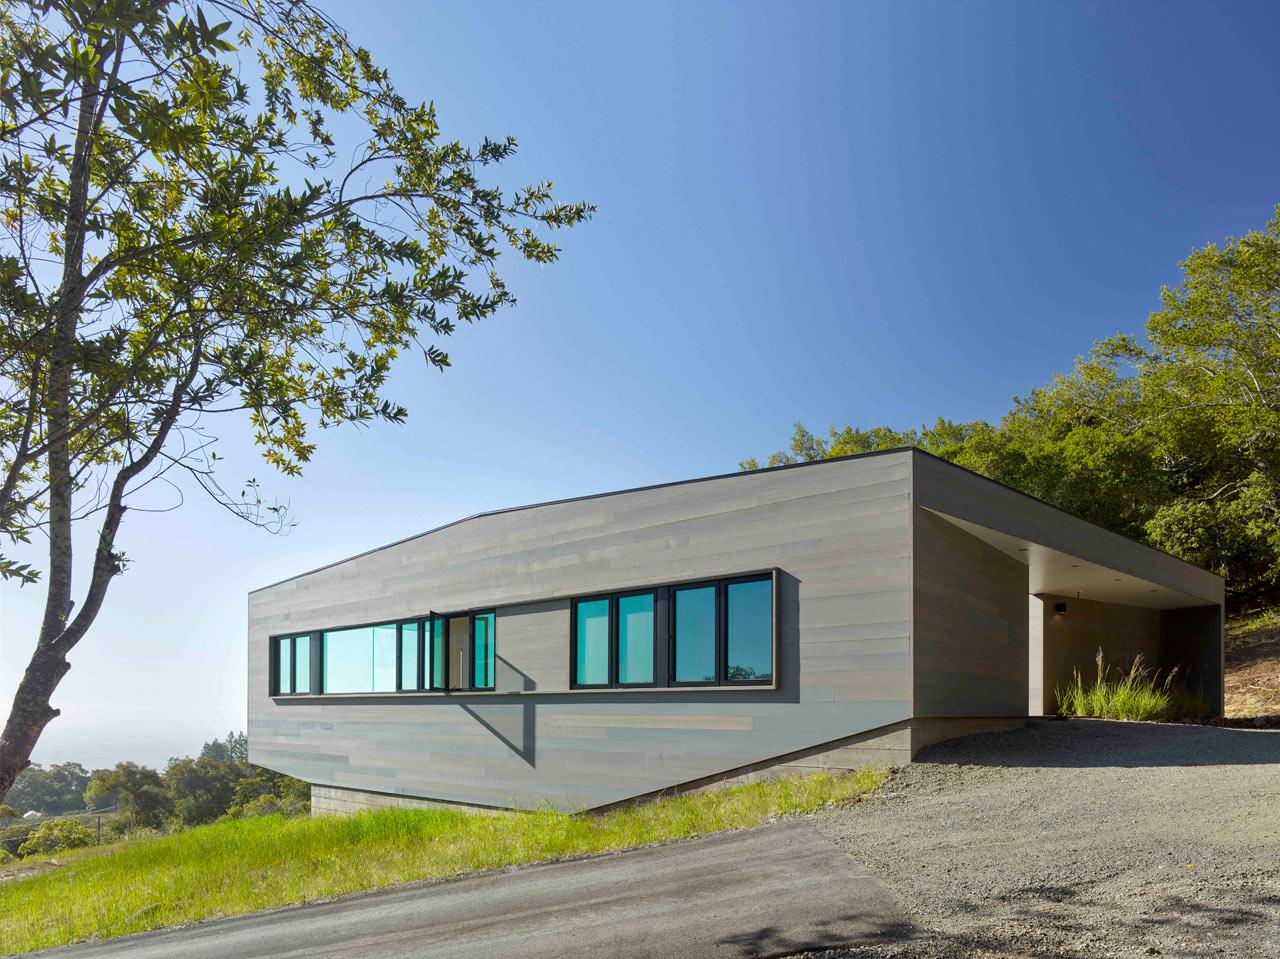 خانه زیبا و کوچک به شکل یک باکس ساده + تصاویر